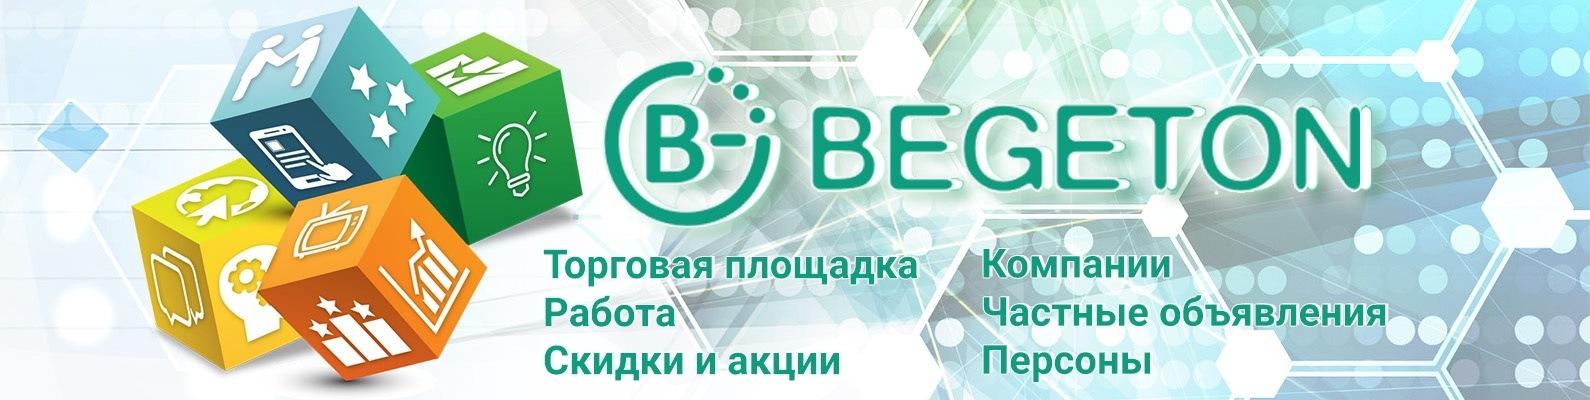 Преимущества онлайн площадки BEGETON